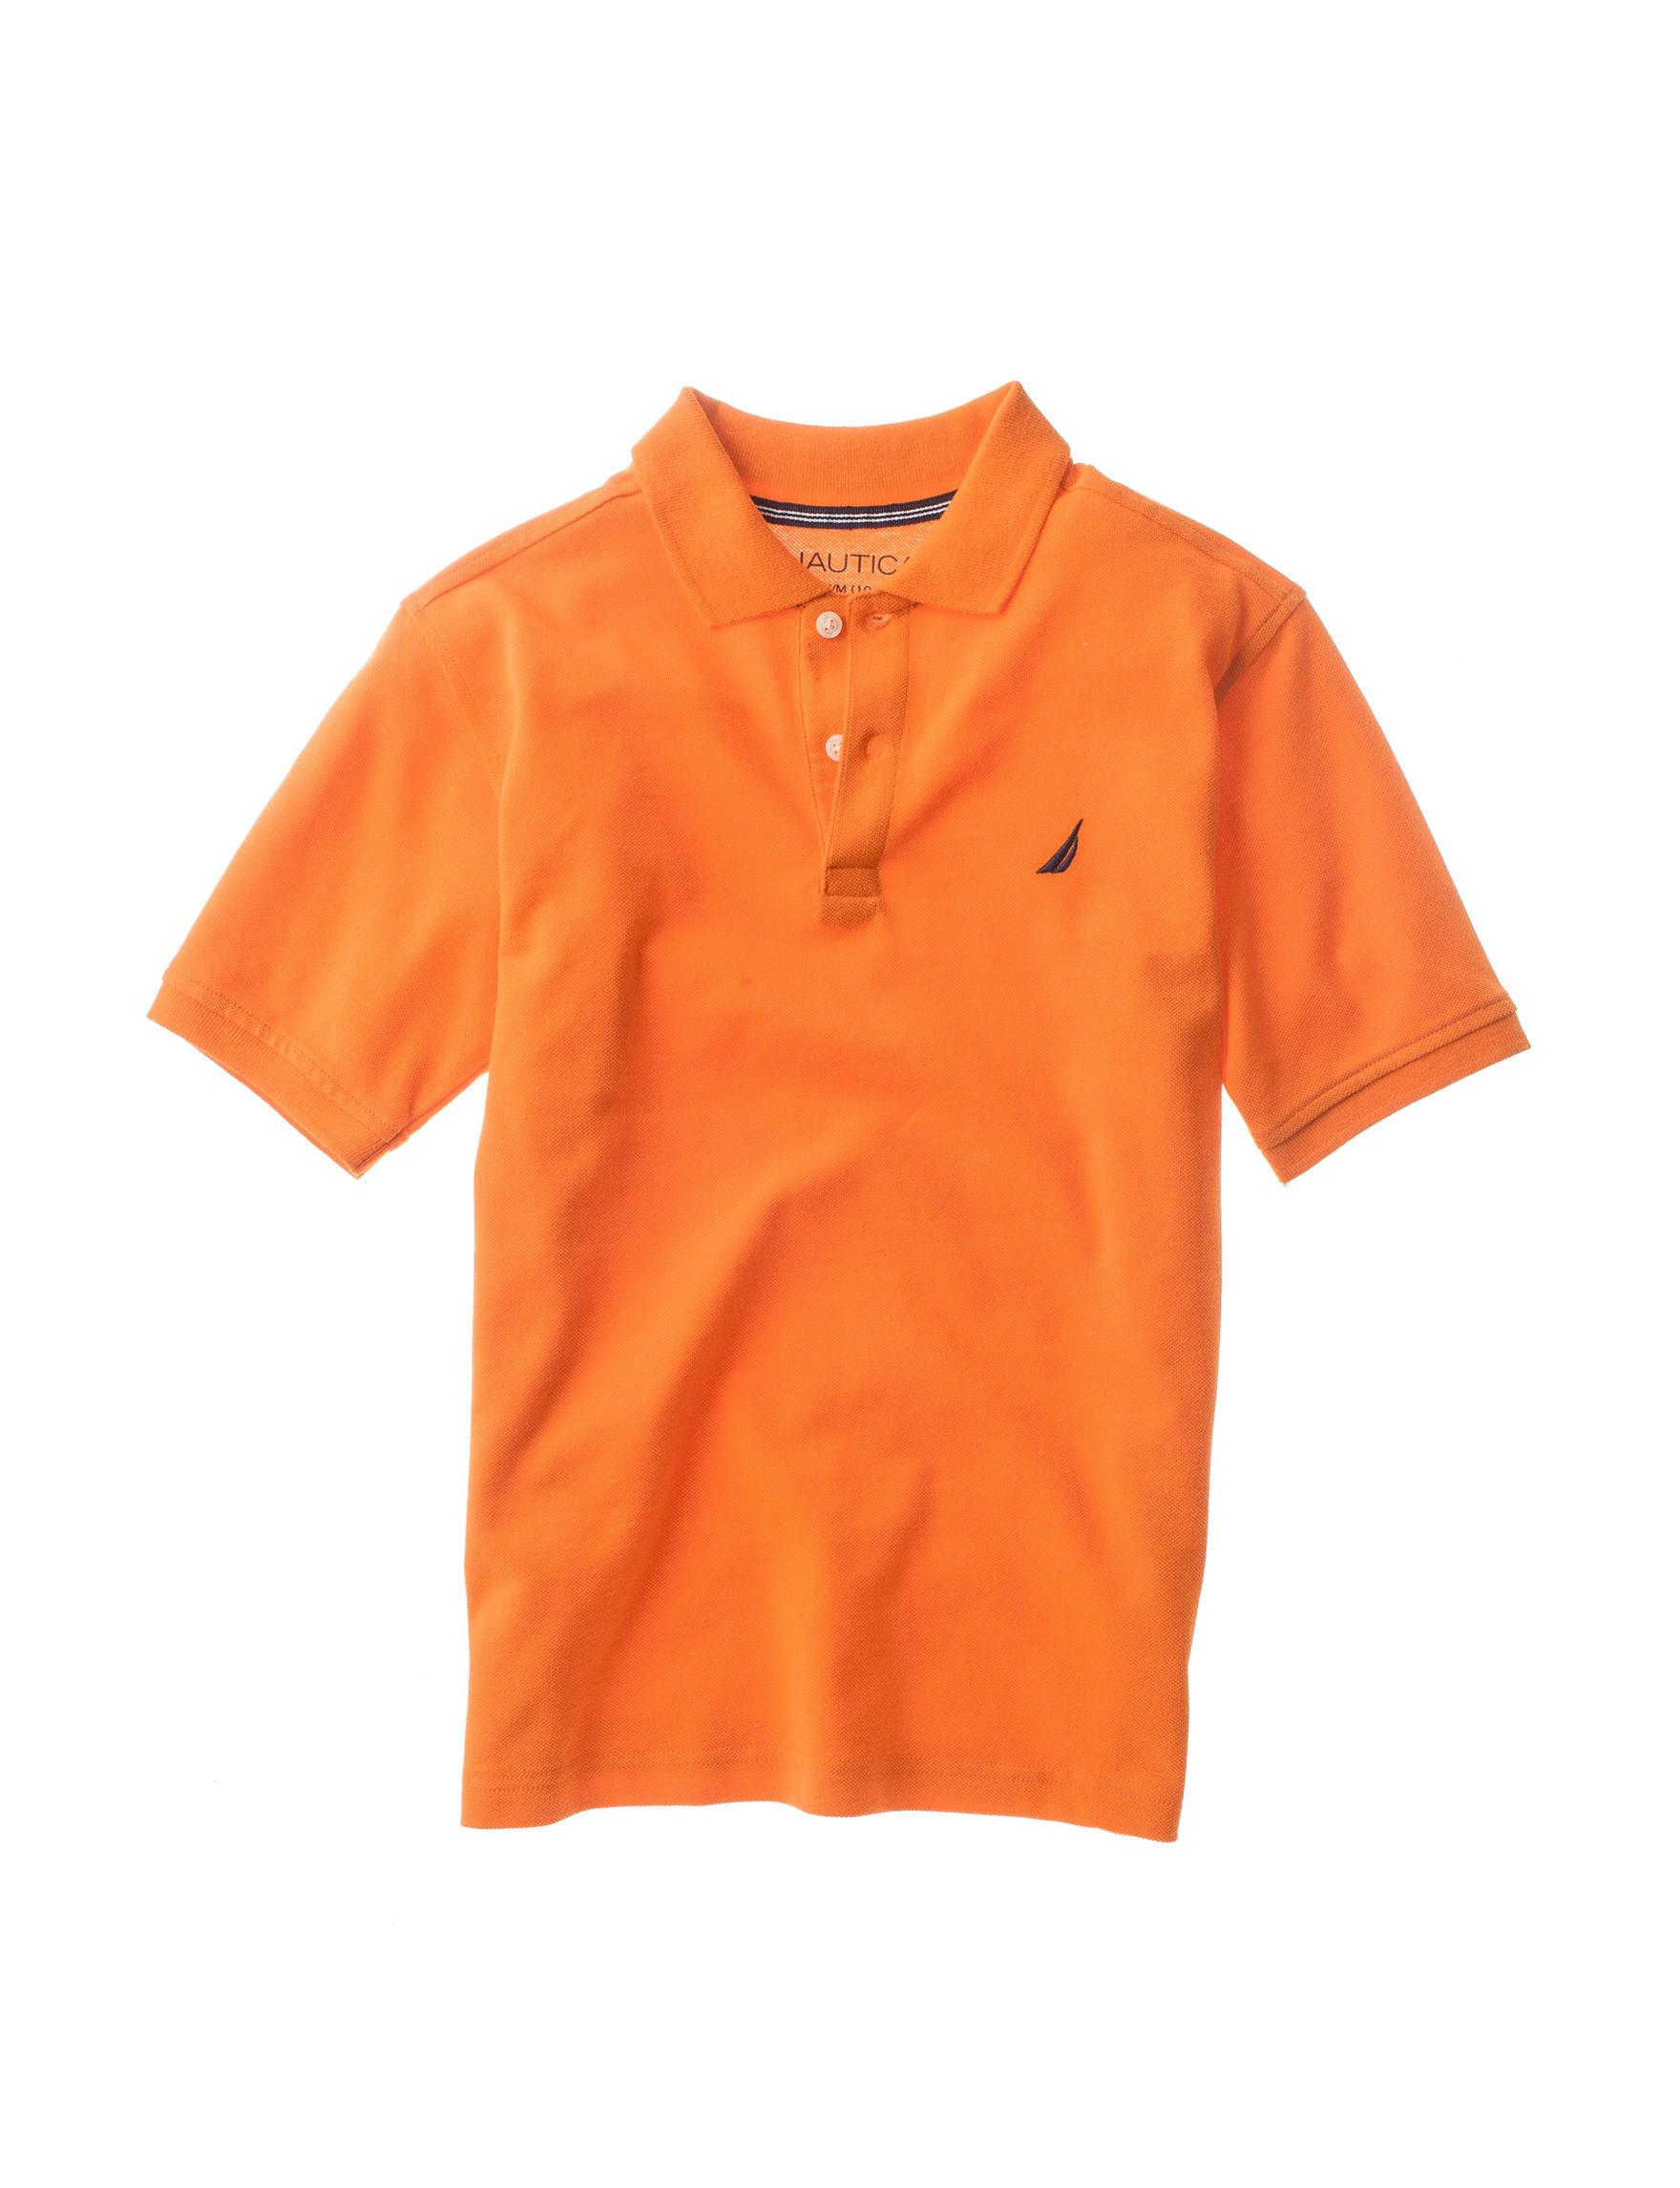 Nautica Orange